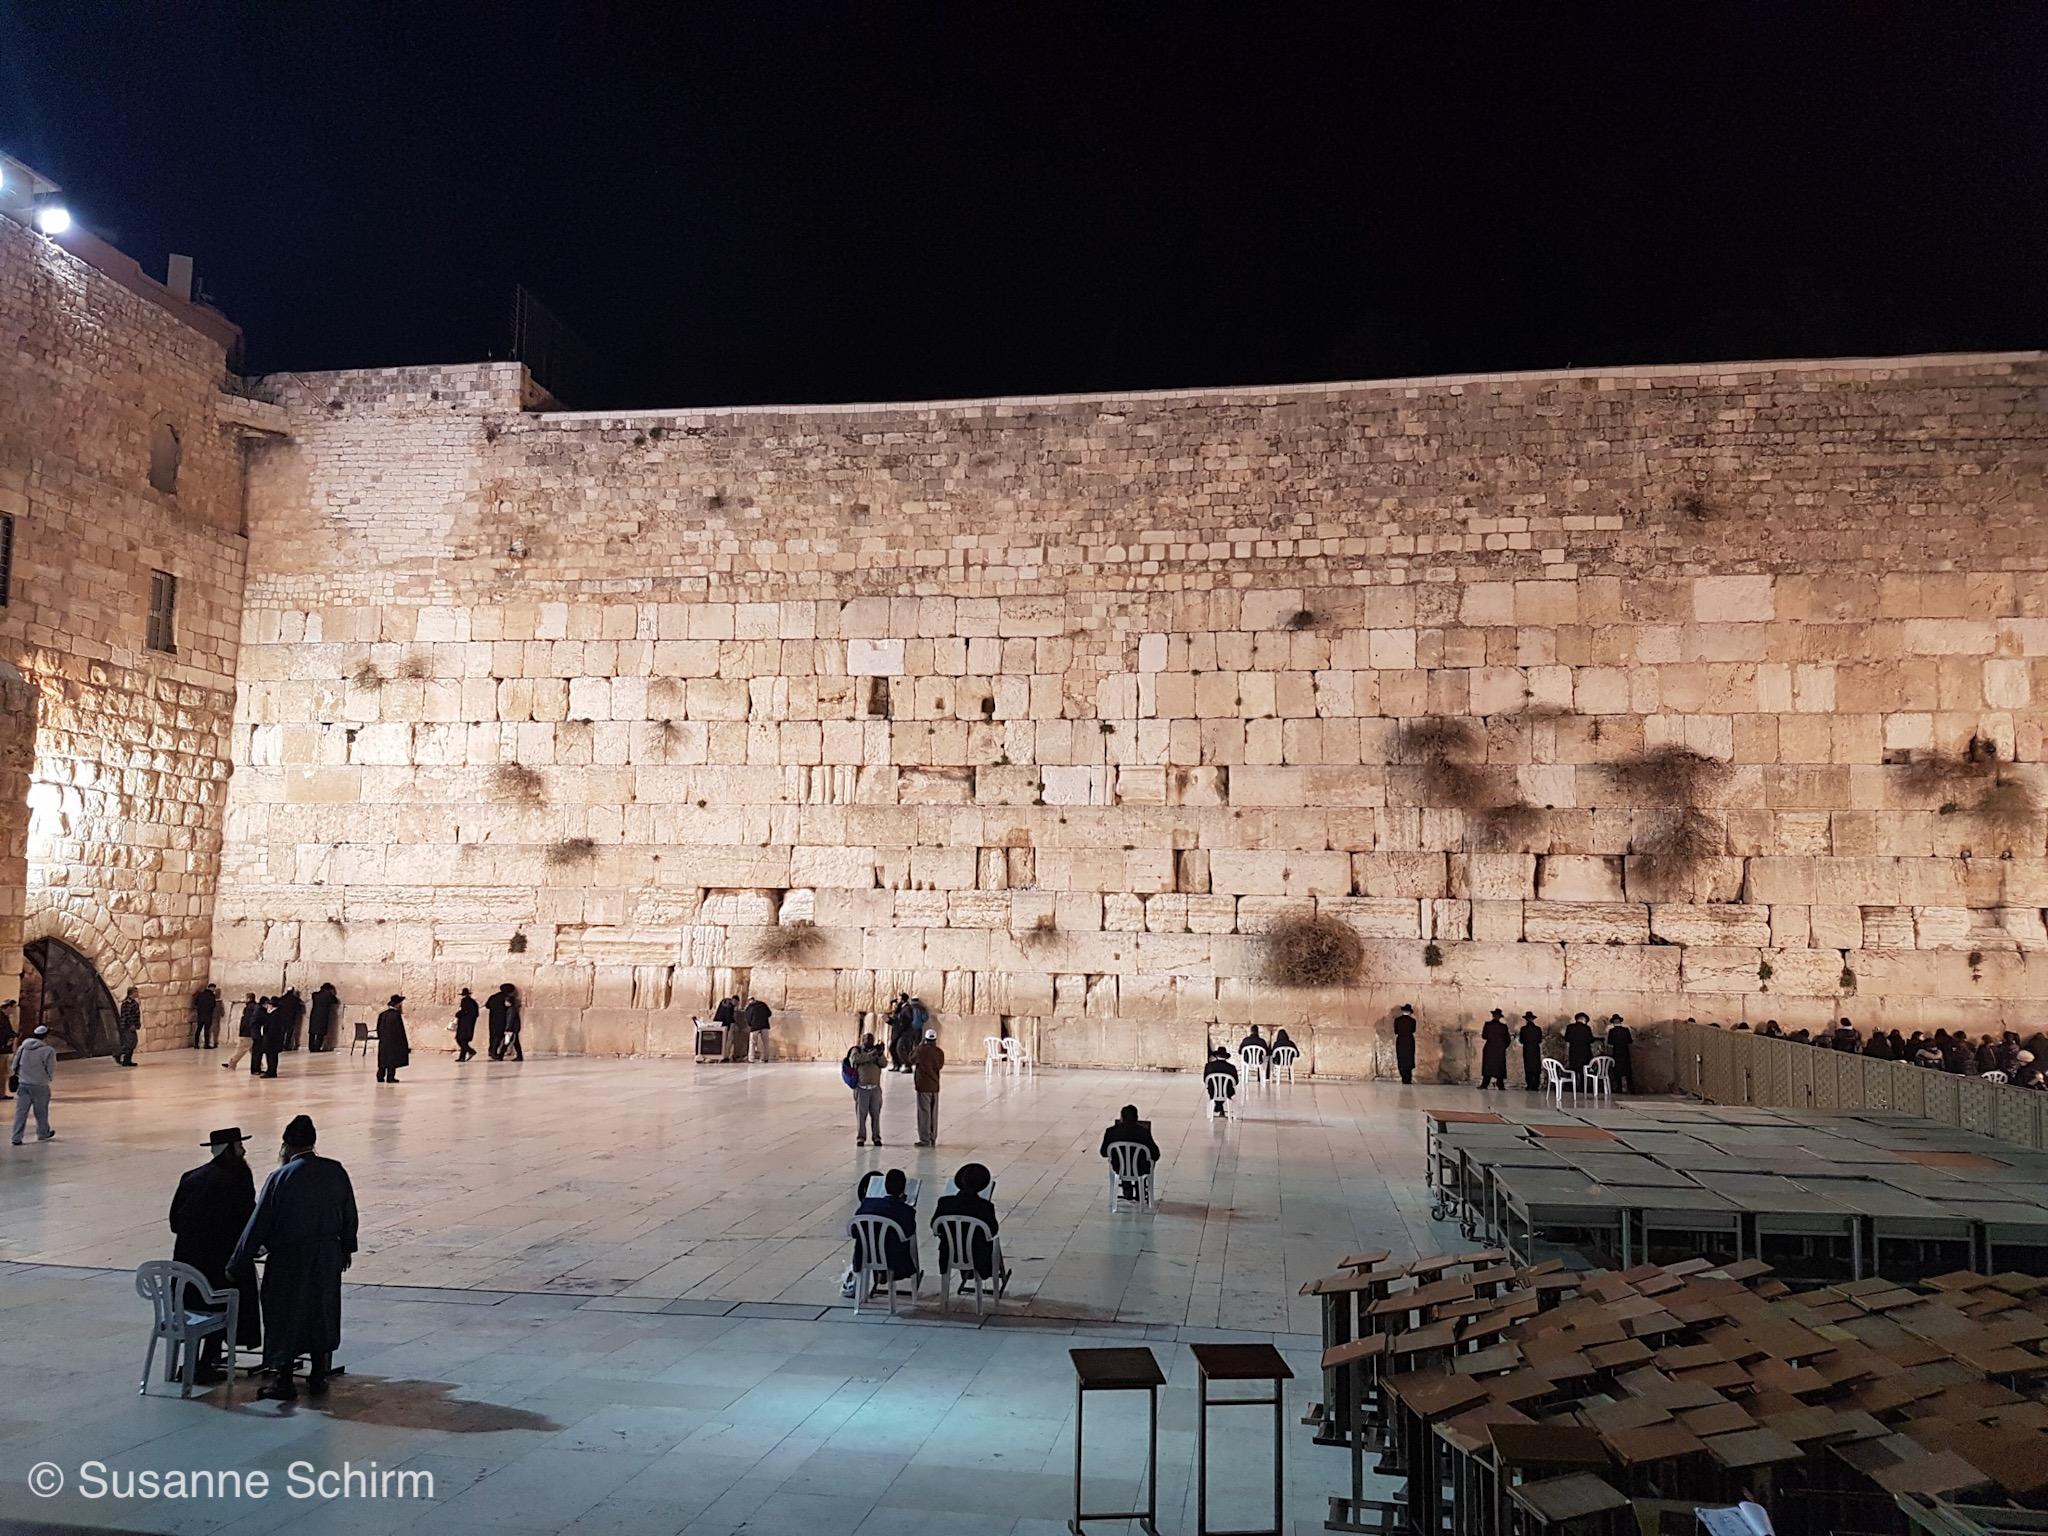 Bild von der Klagemauer in Jerusalem